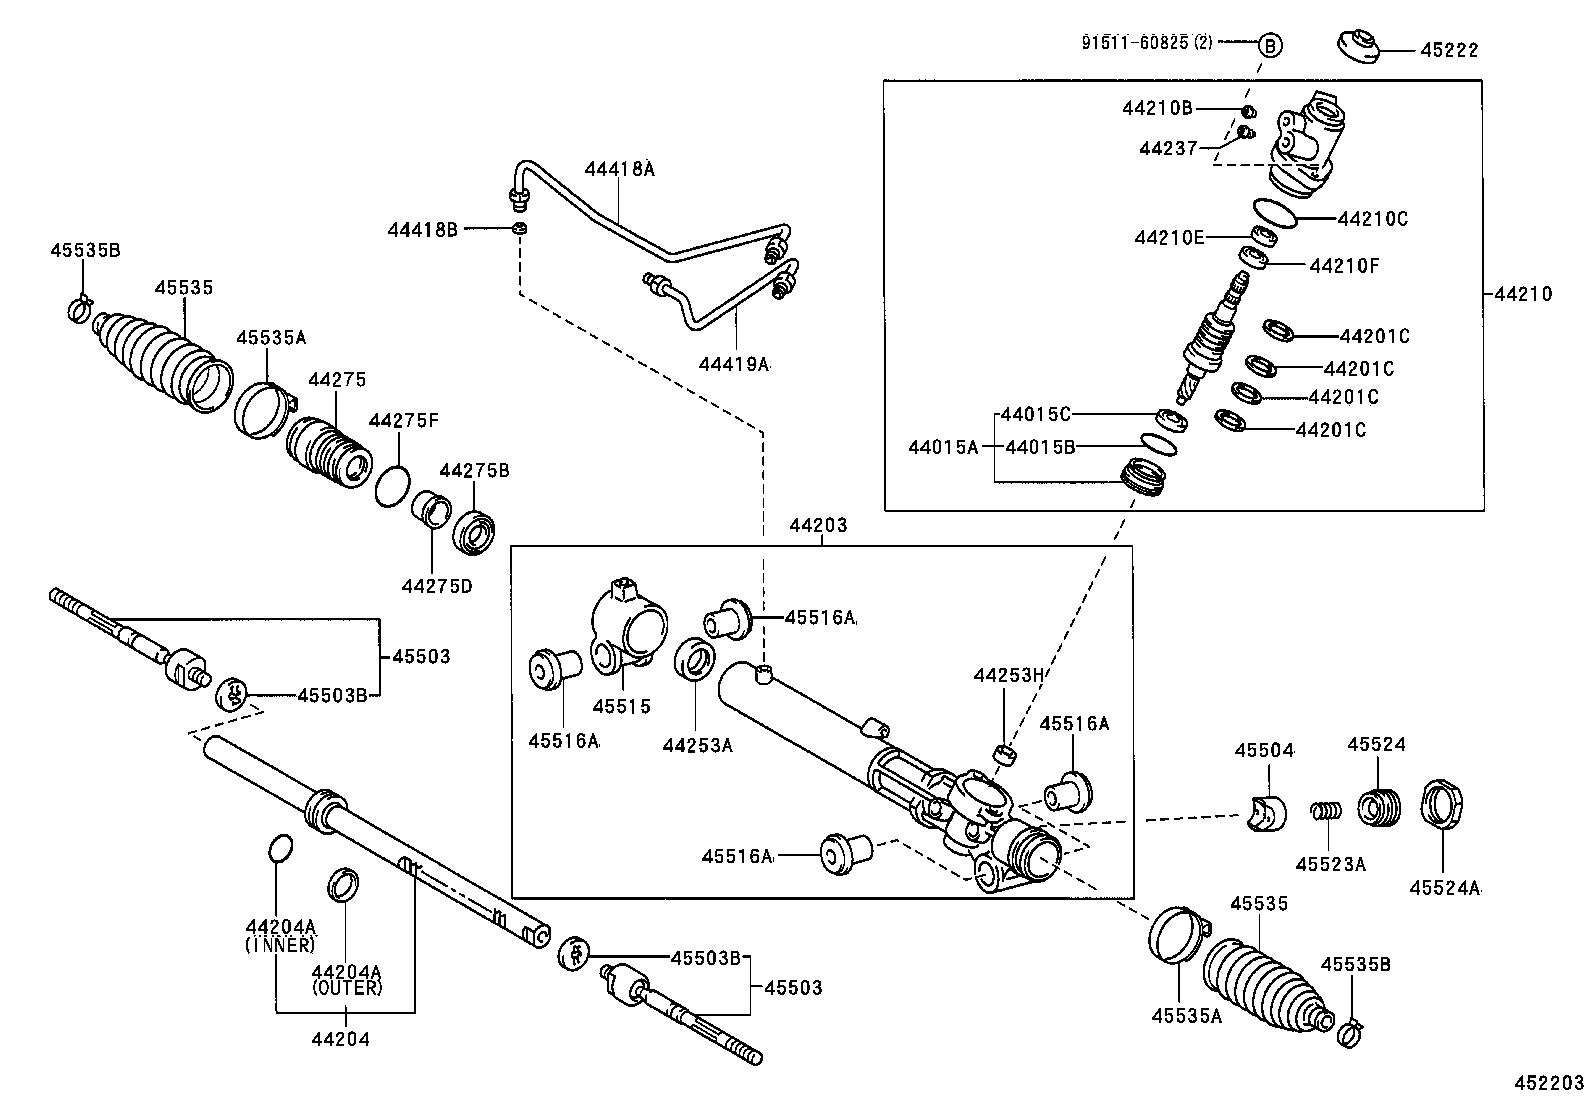 nissan d21 front suspension diagram html